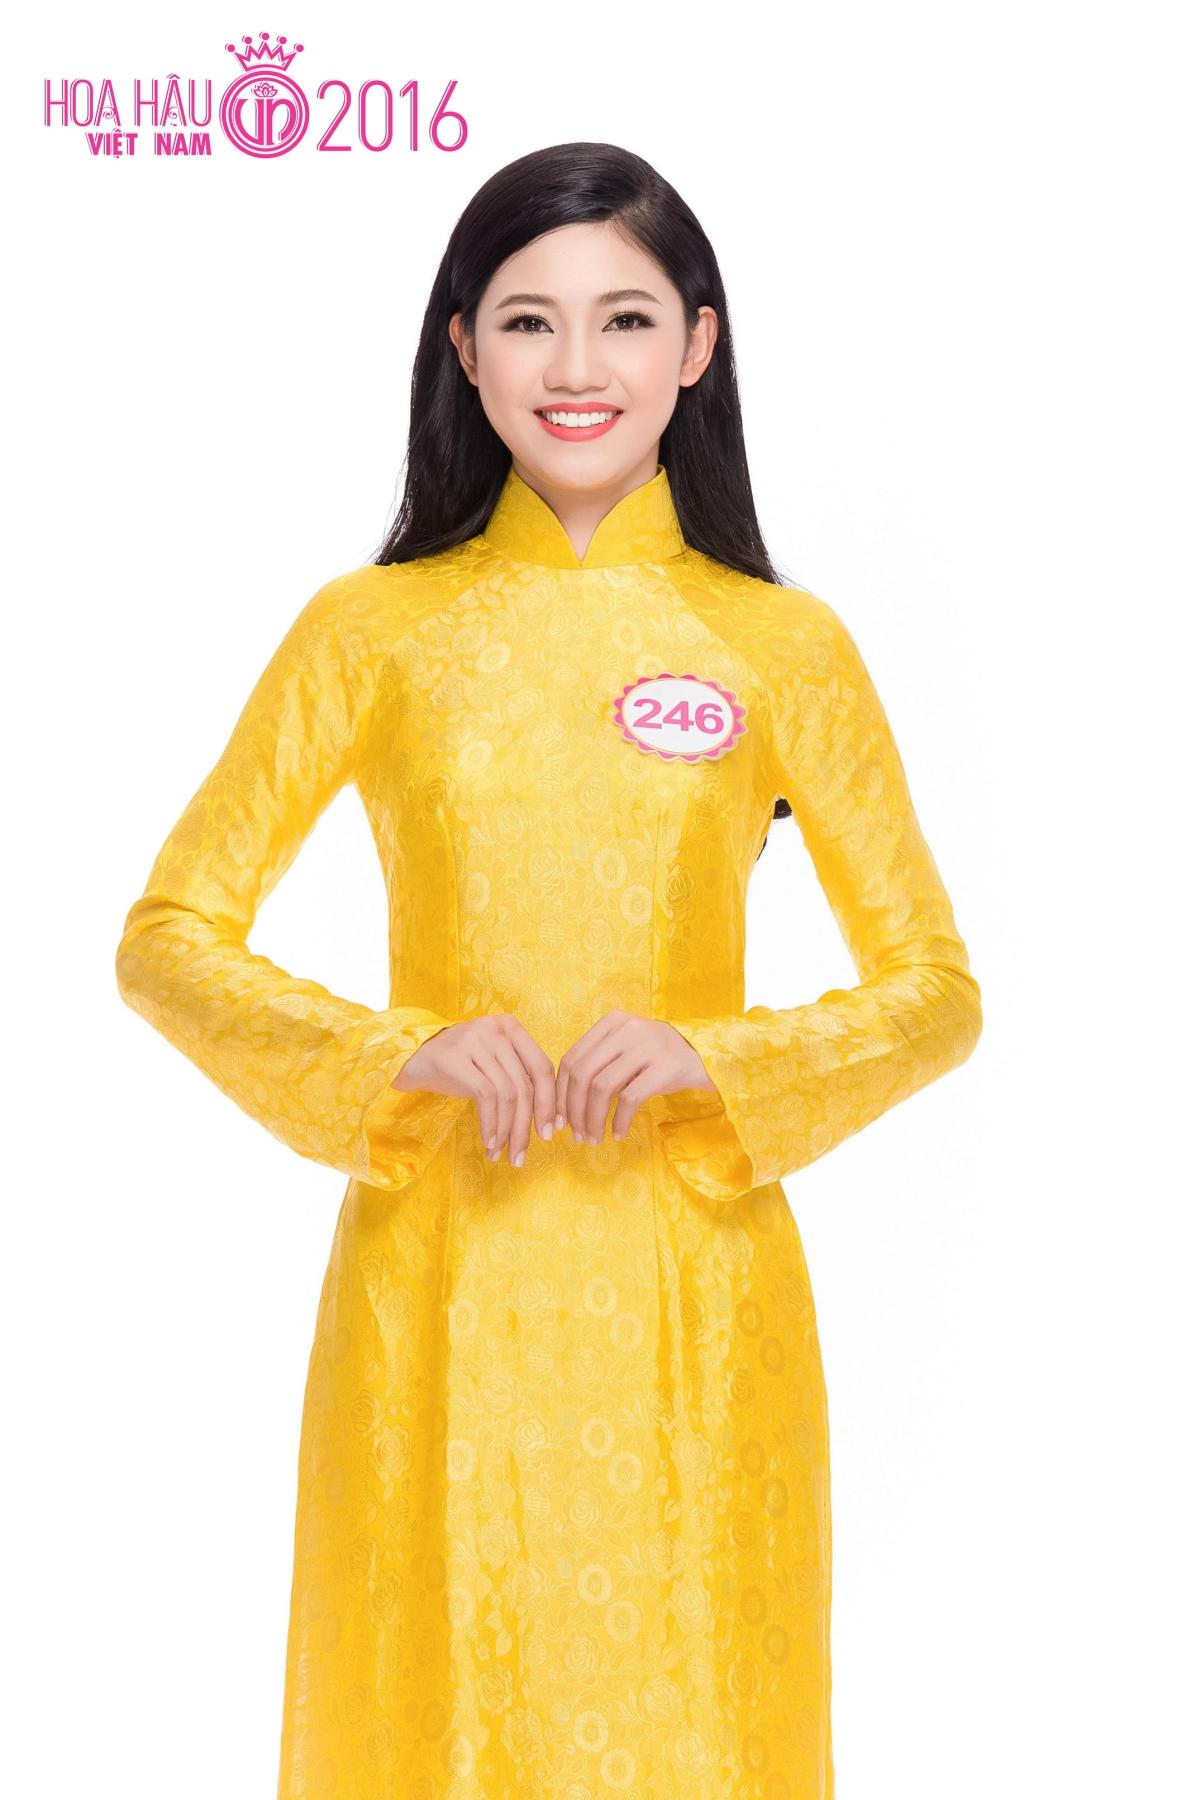 246 - Ngo Thanh Thanh Tu 2